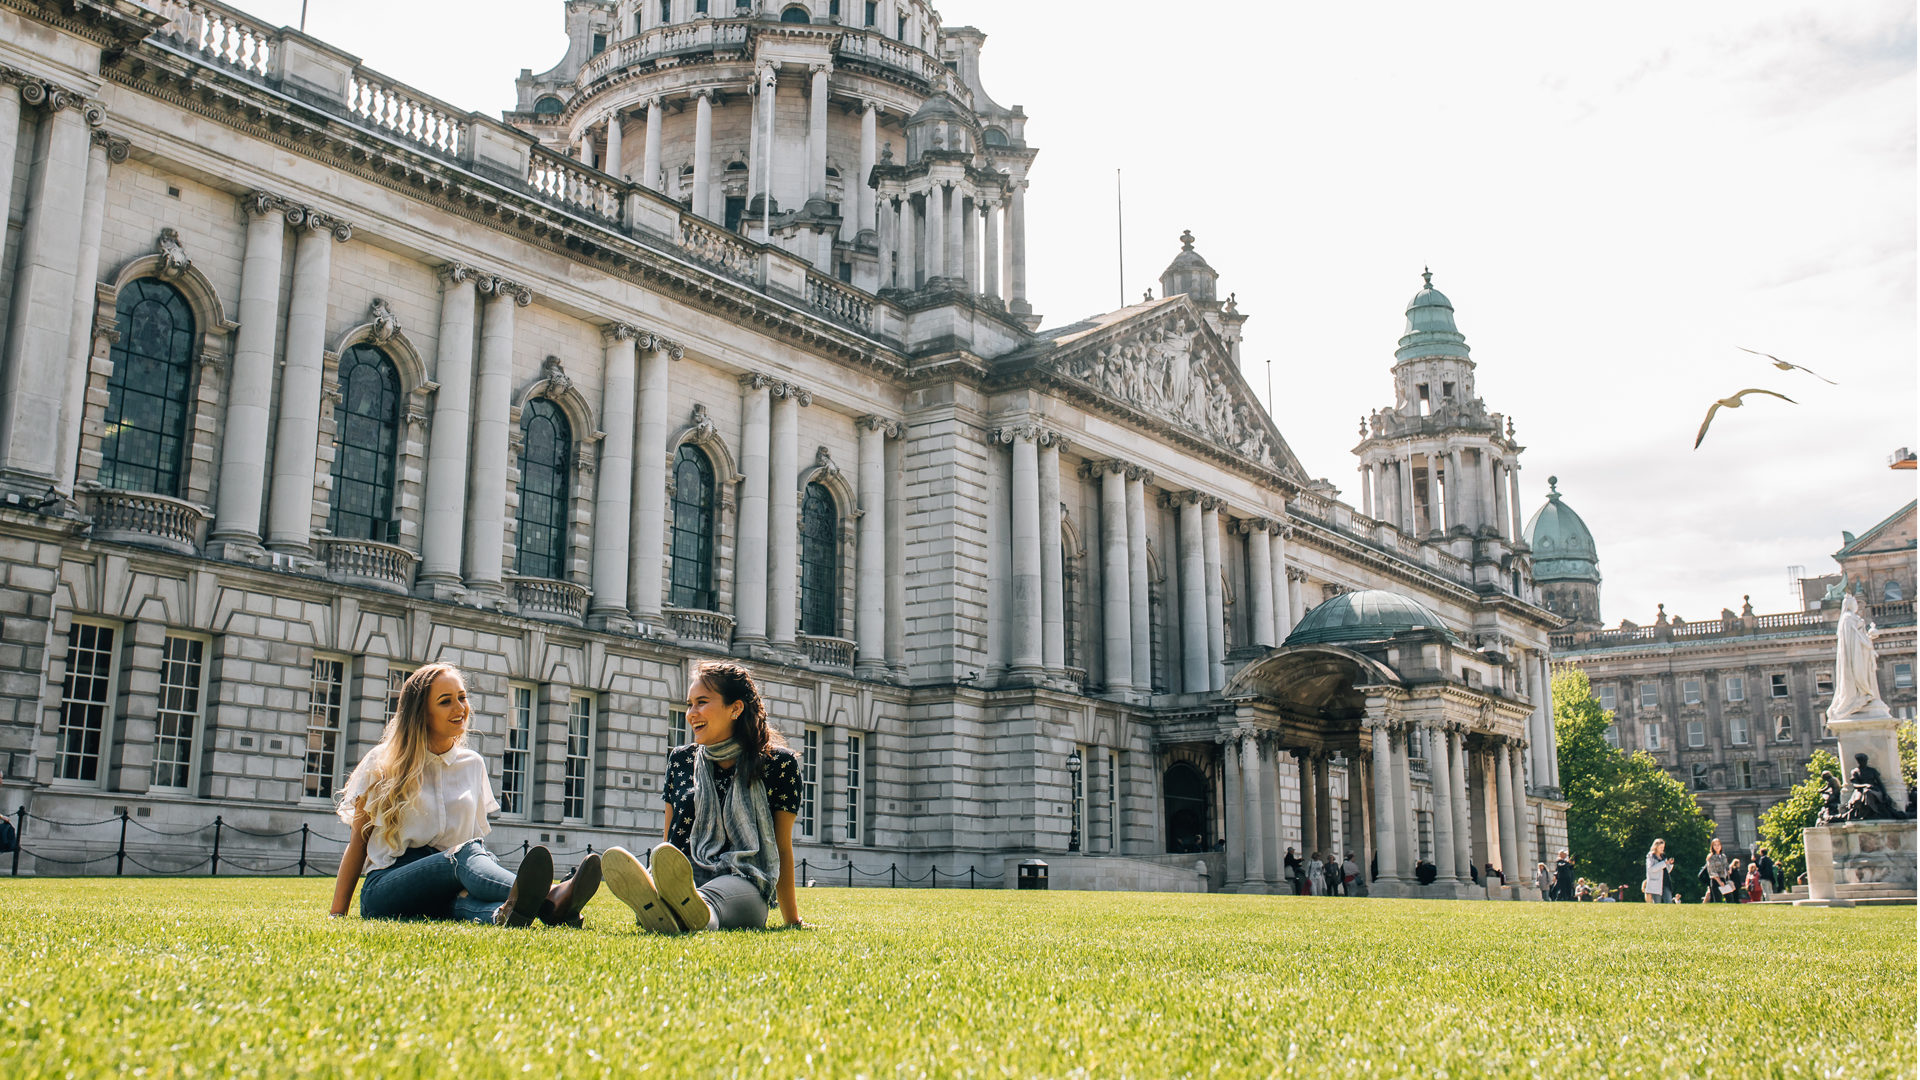 Queens University Students9 Belfast City Hall